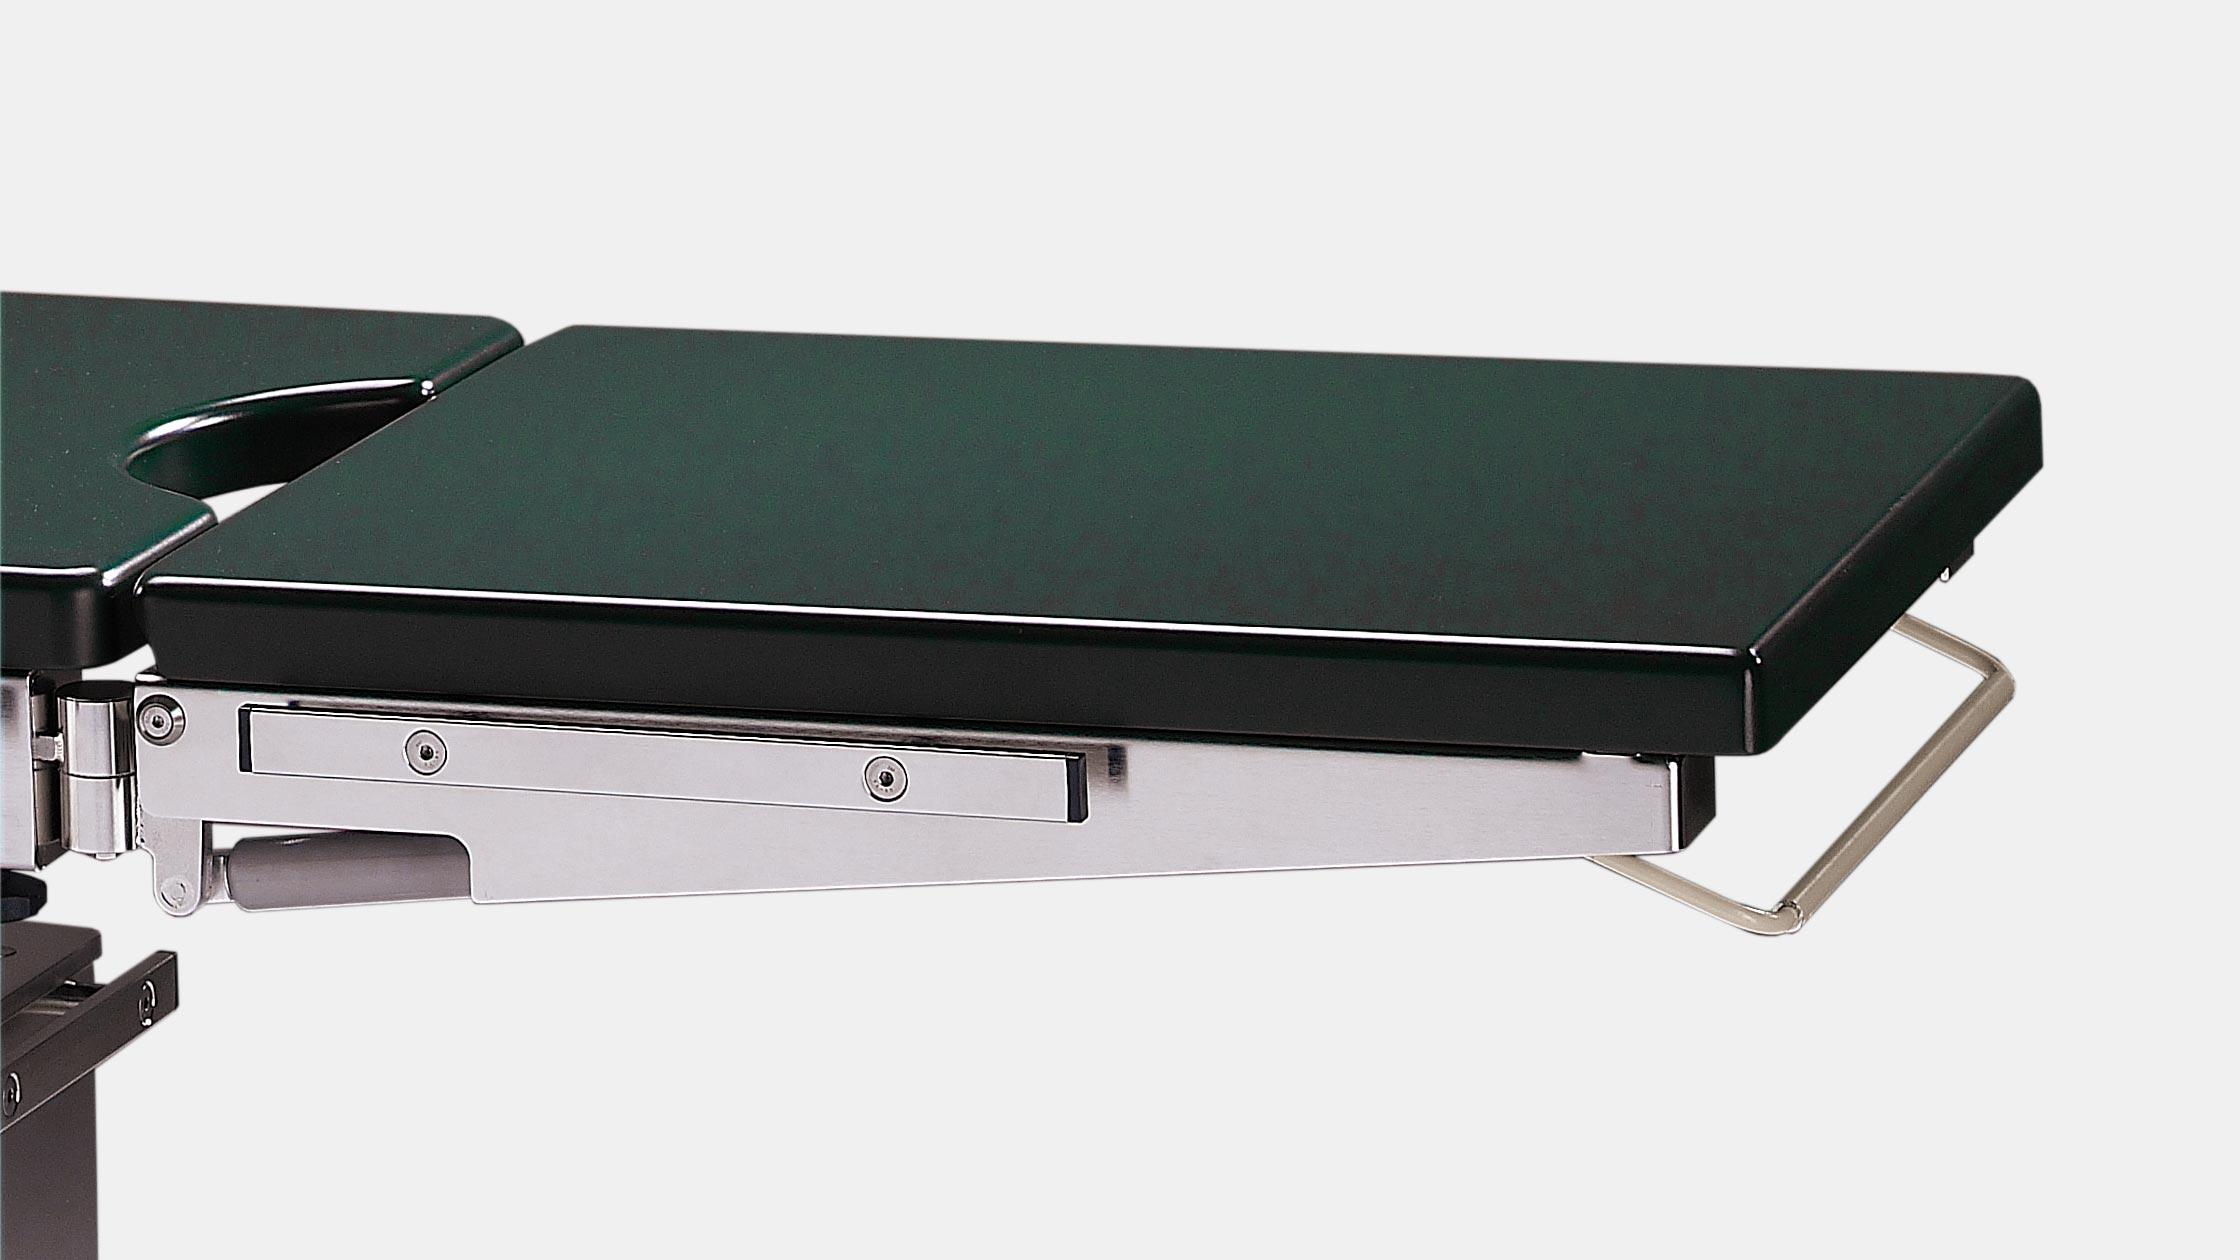 Zubehör für medifa 5000 Basic